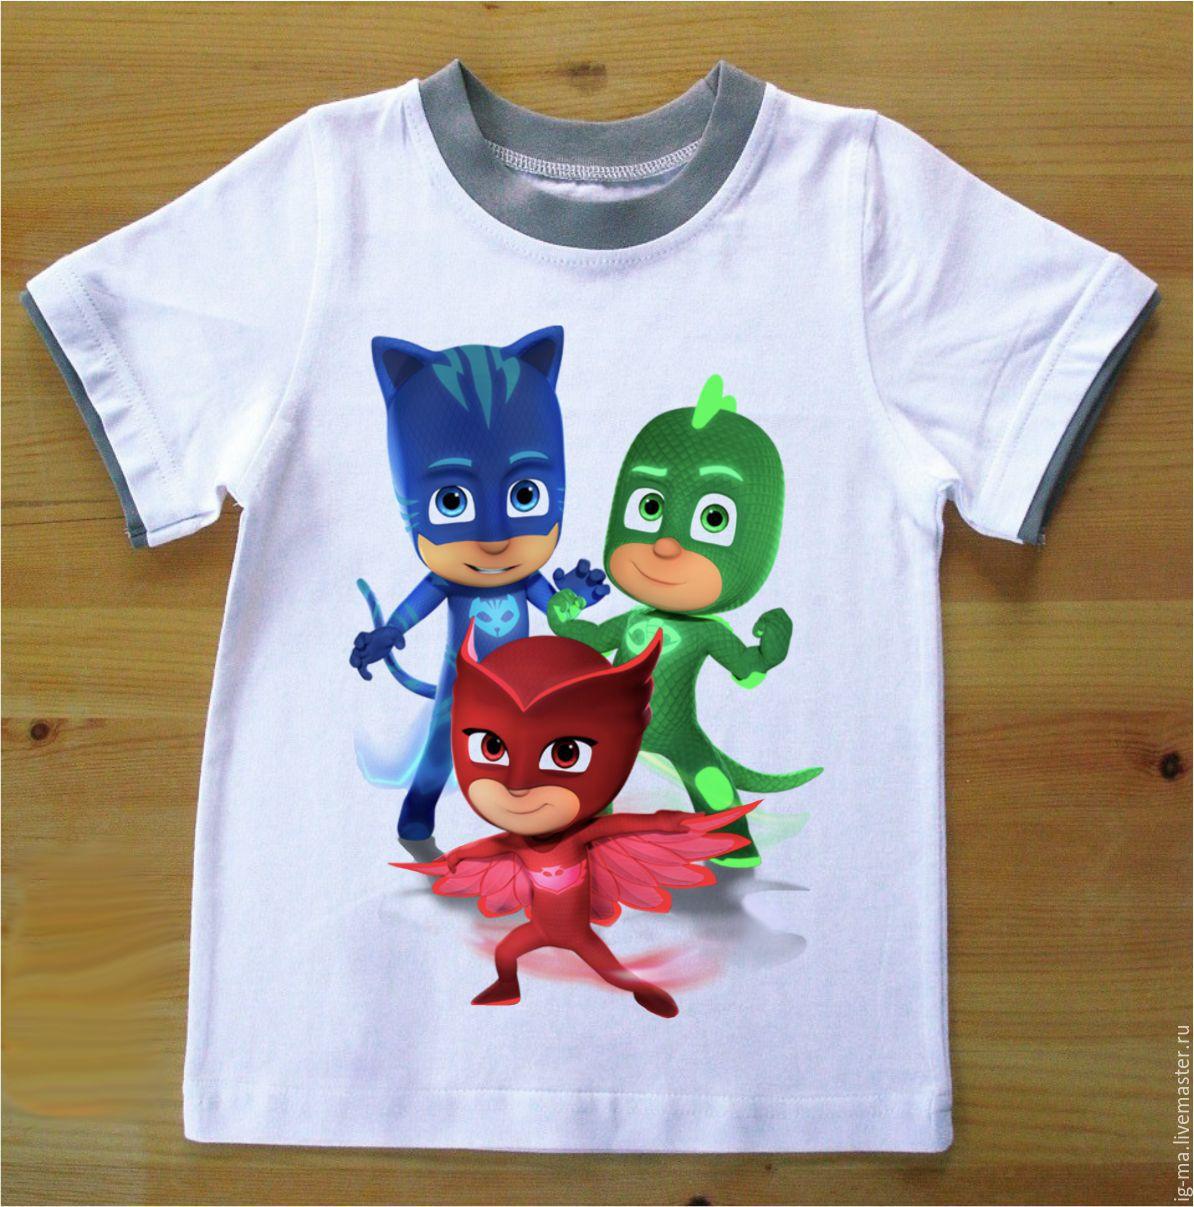 Мультяшки на детской одежде – за и против.